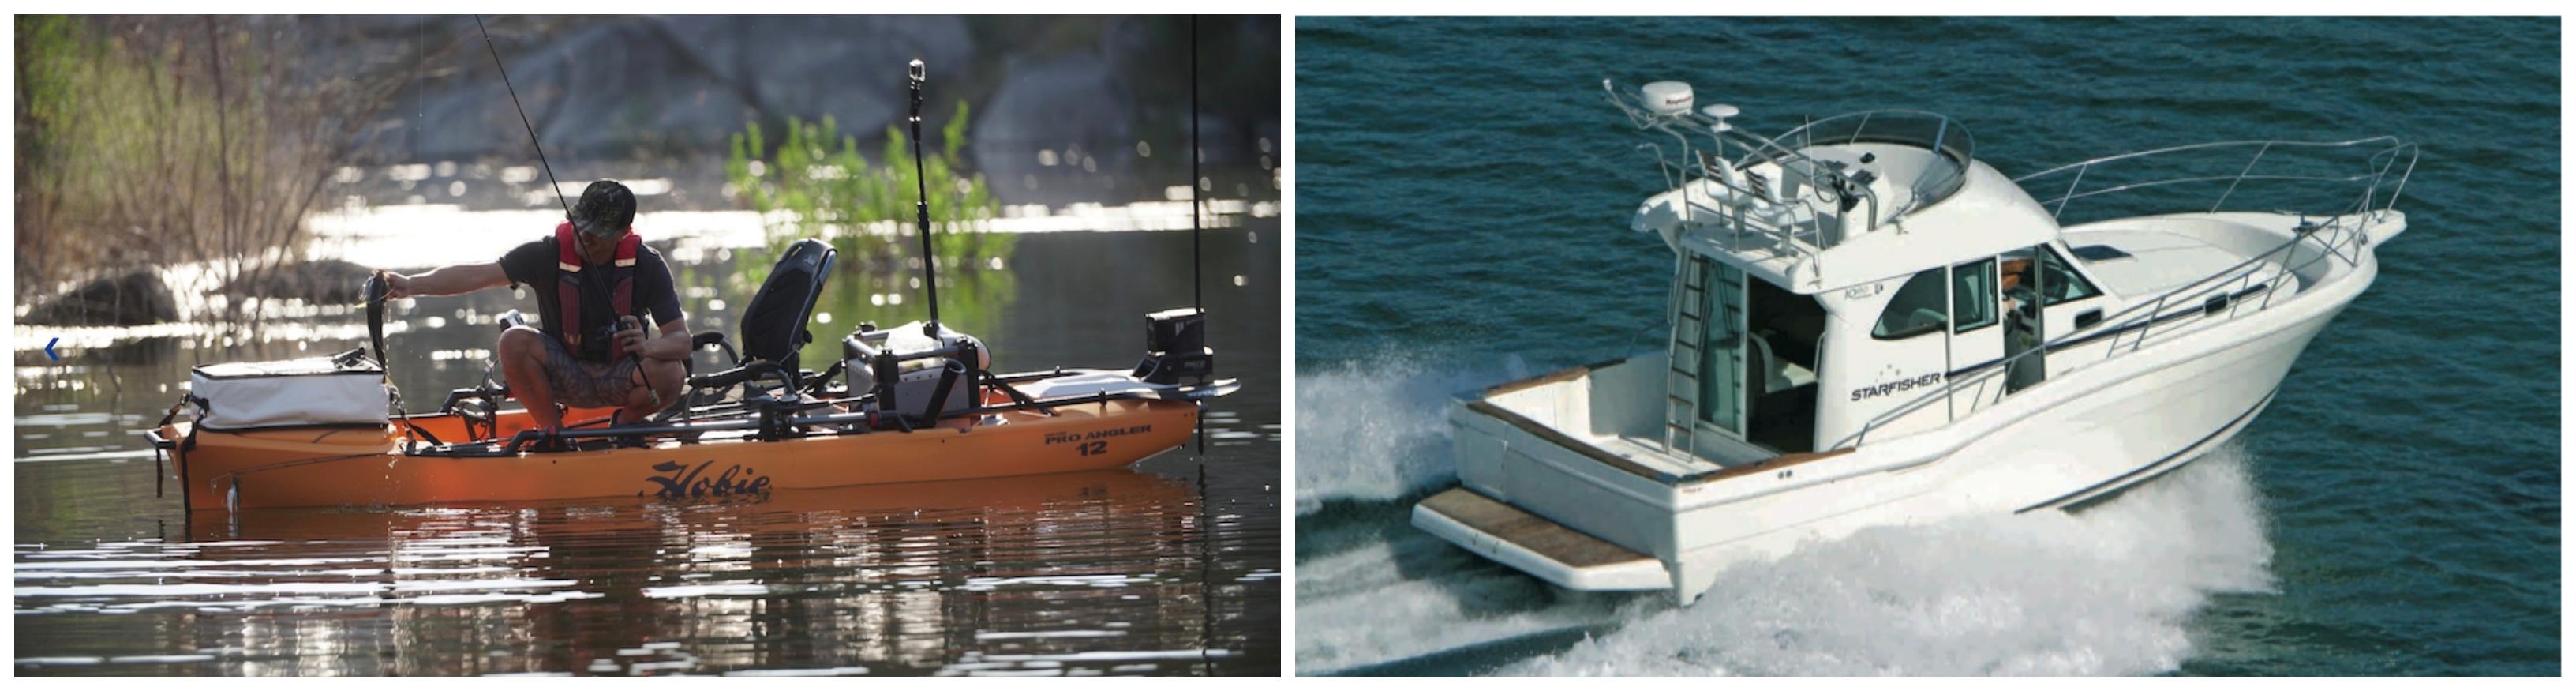 kayak y barco de pesca